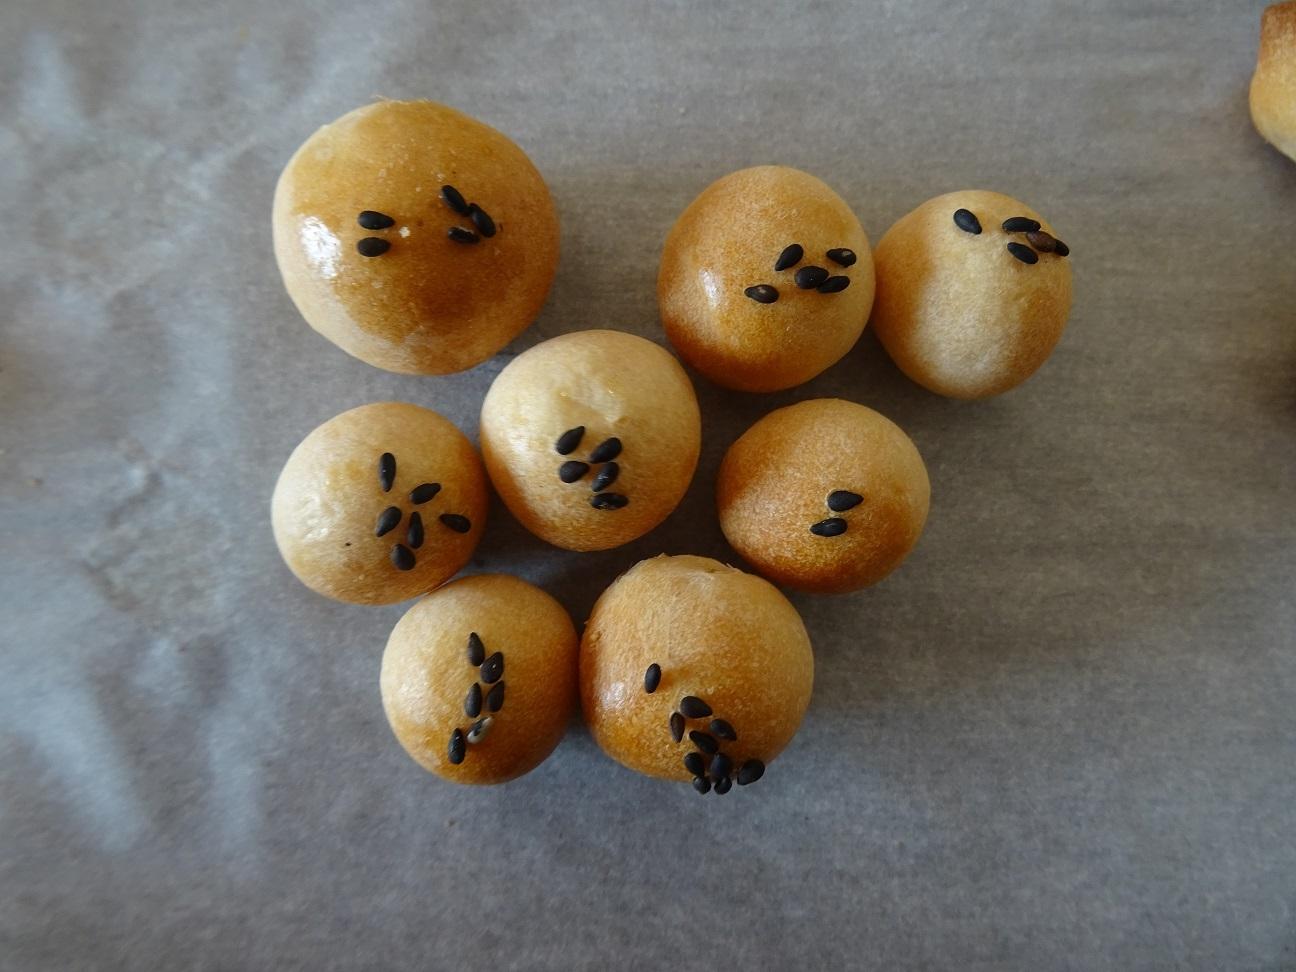 パン生地で作るミニチュア小物8